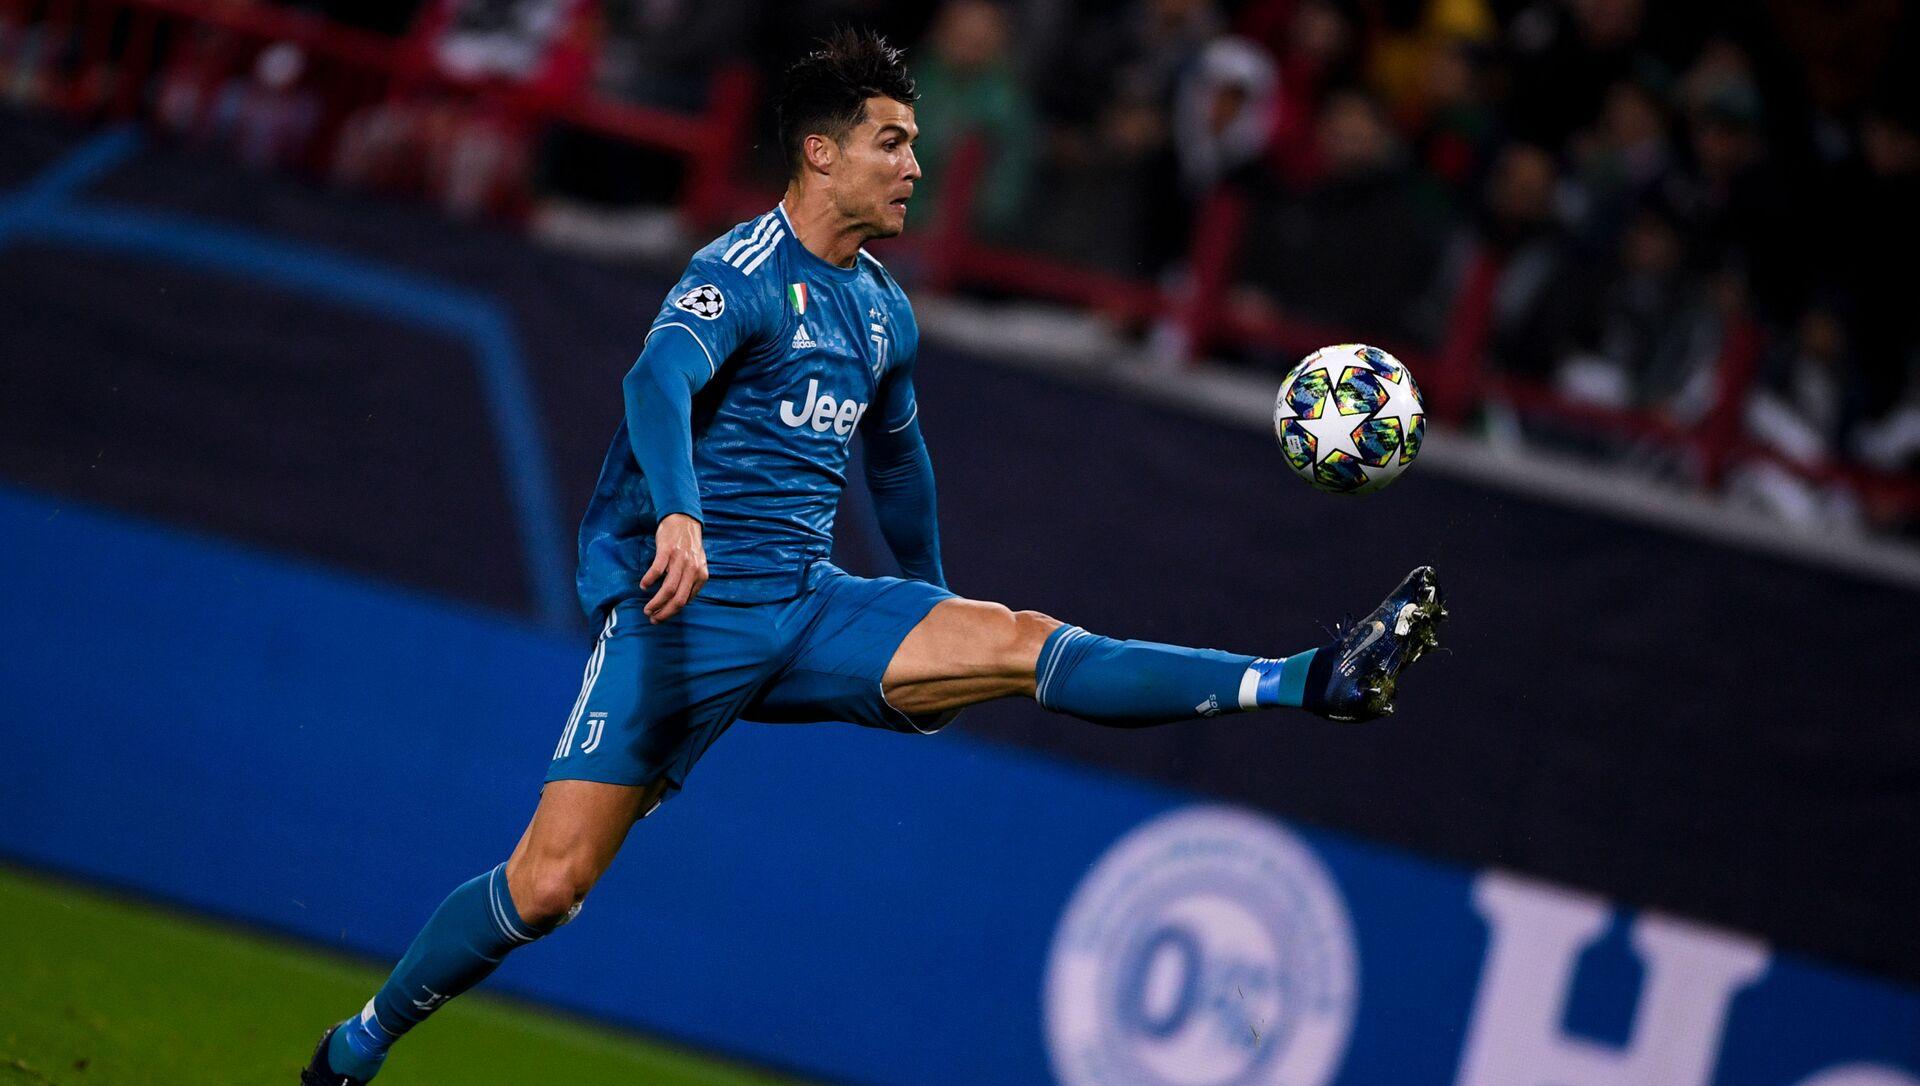 L'attaccante della Juventus Cristiano Ronaldo - Sputnik Italia, 1920, 03.04.2021